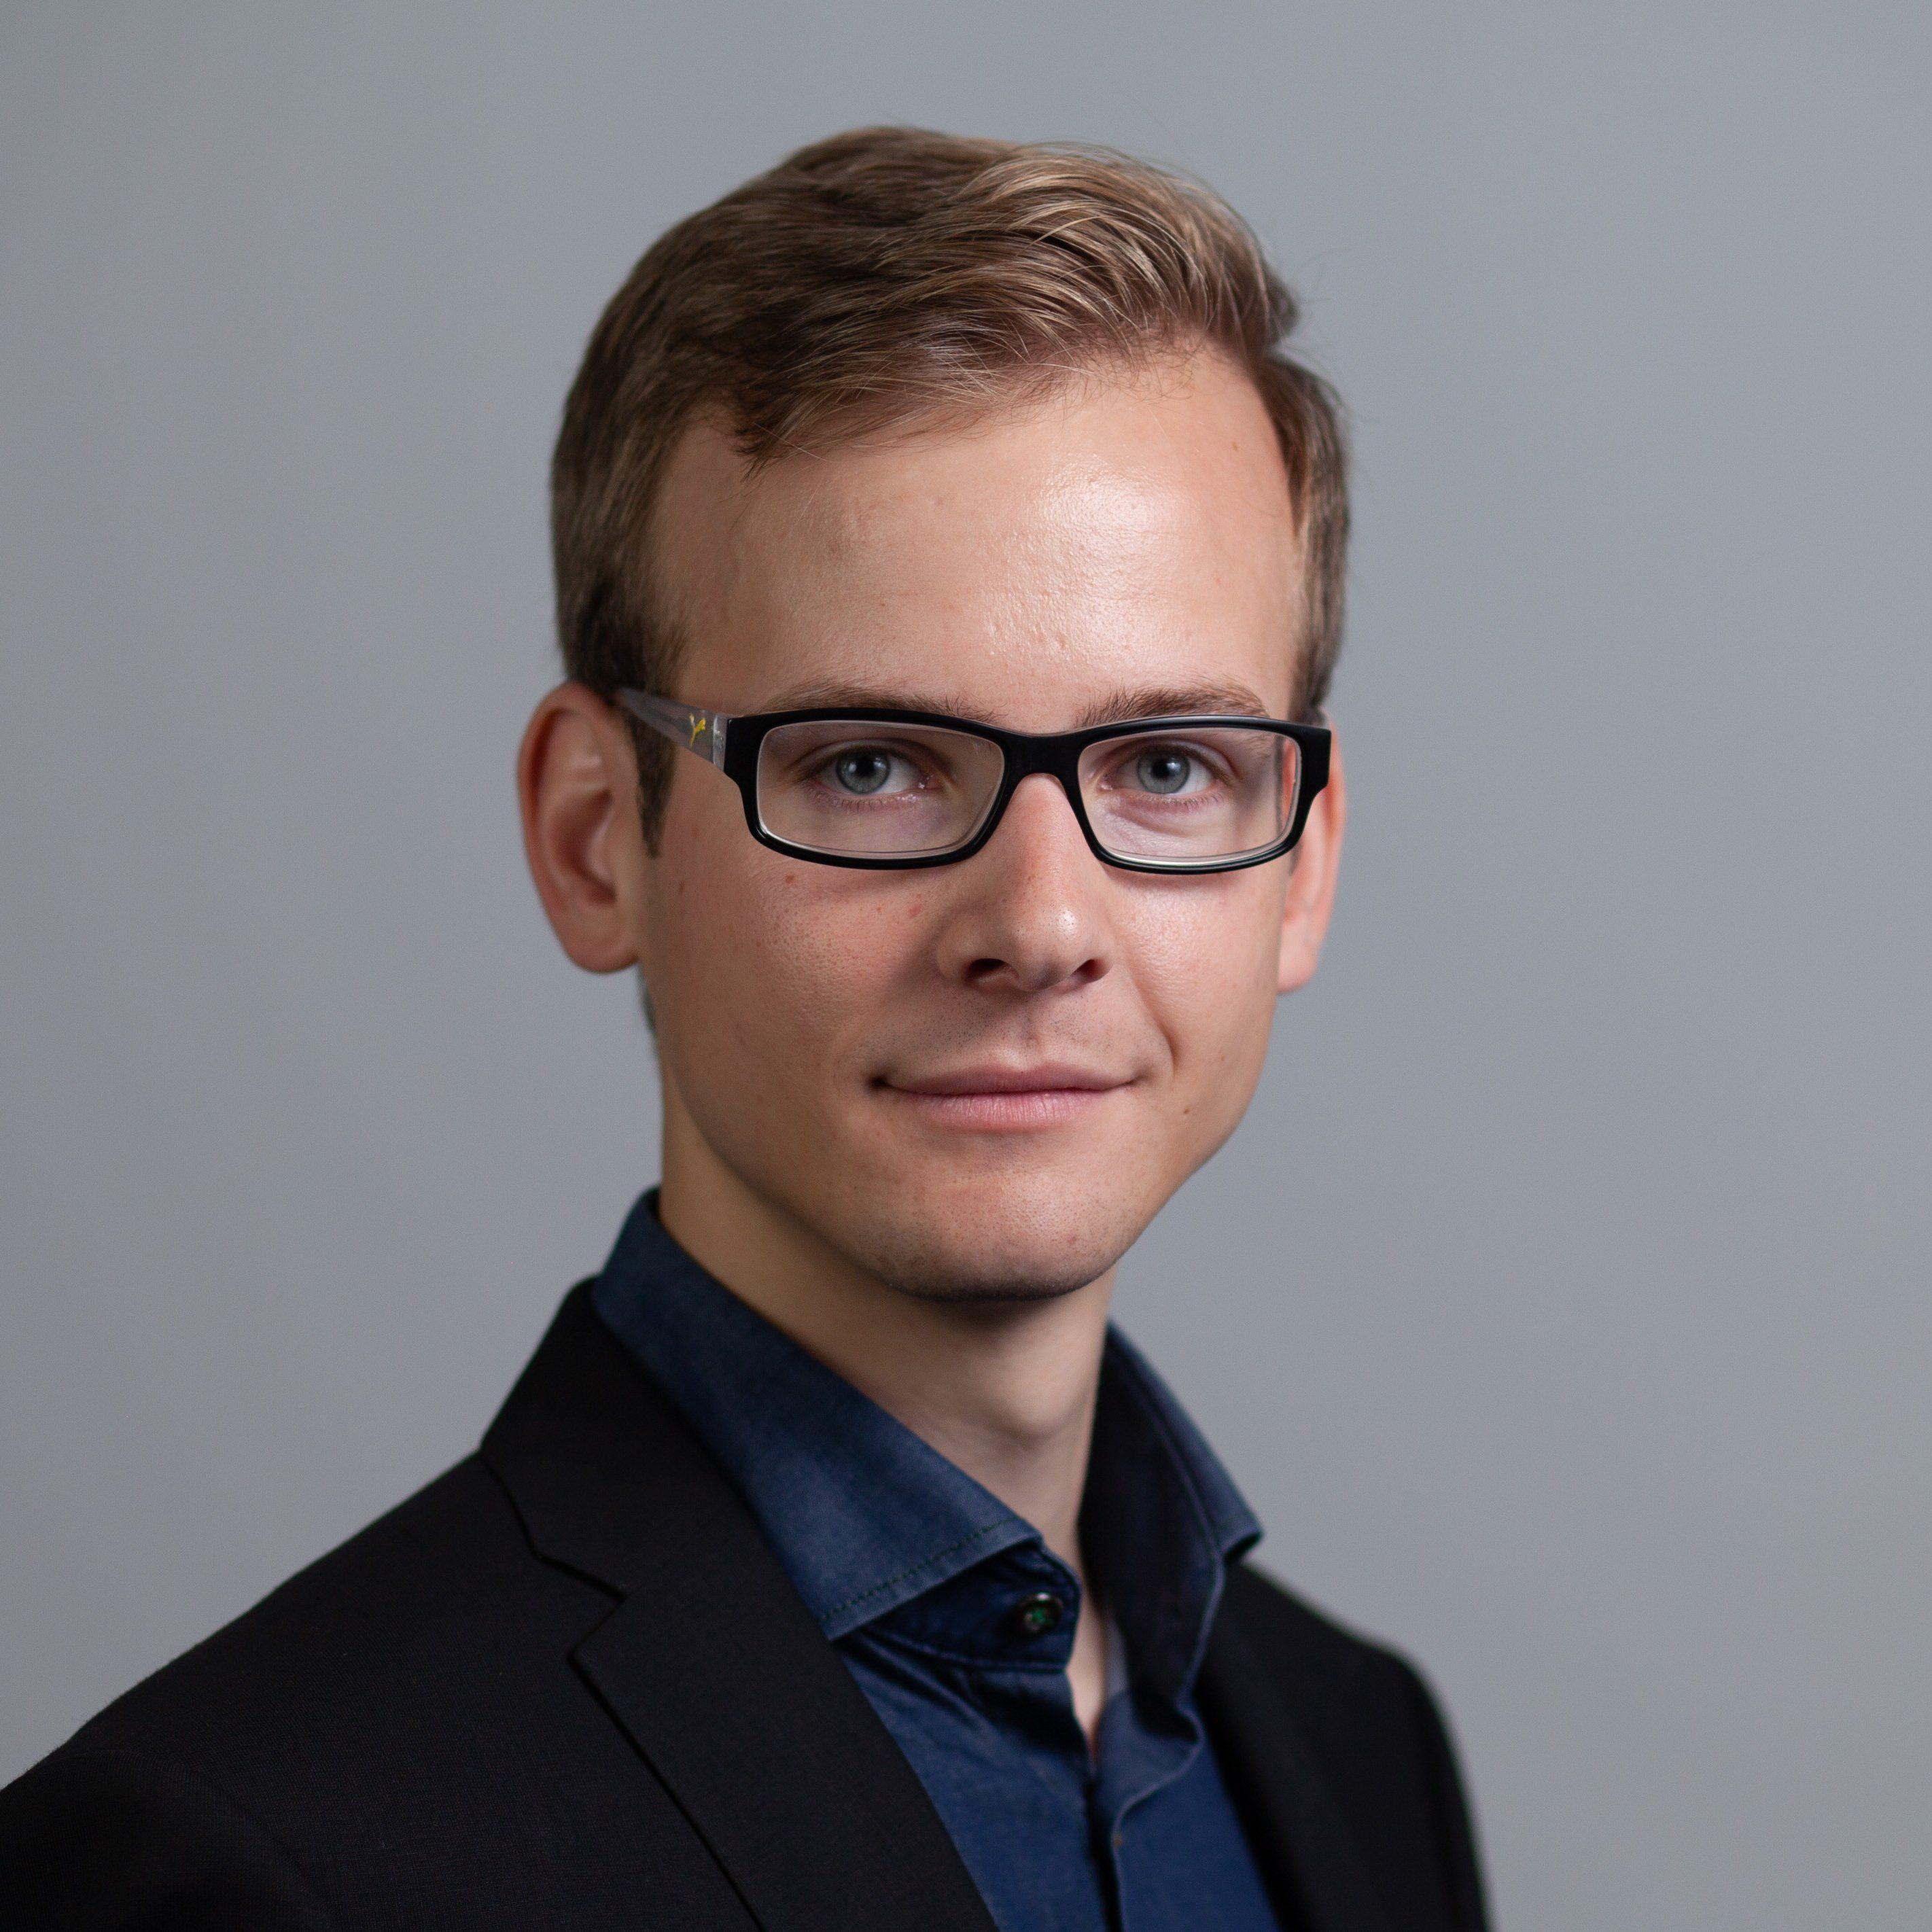 René Apitzsch, wissenschaftlicher Mitarbeiter an der TU Chemnitz